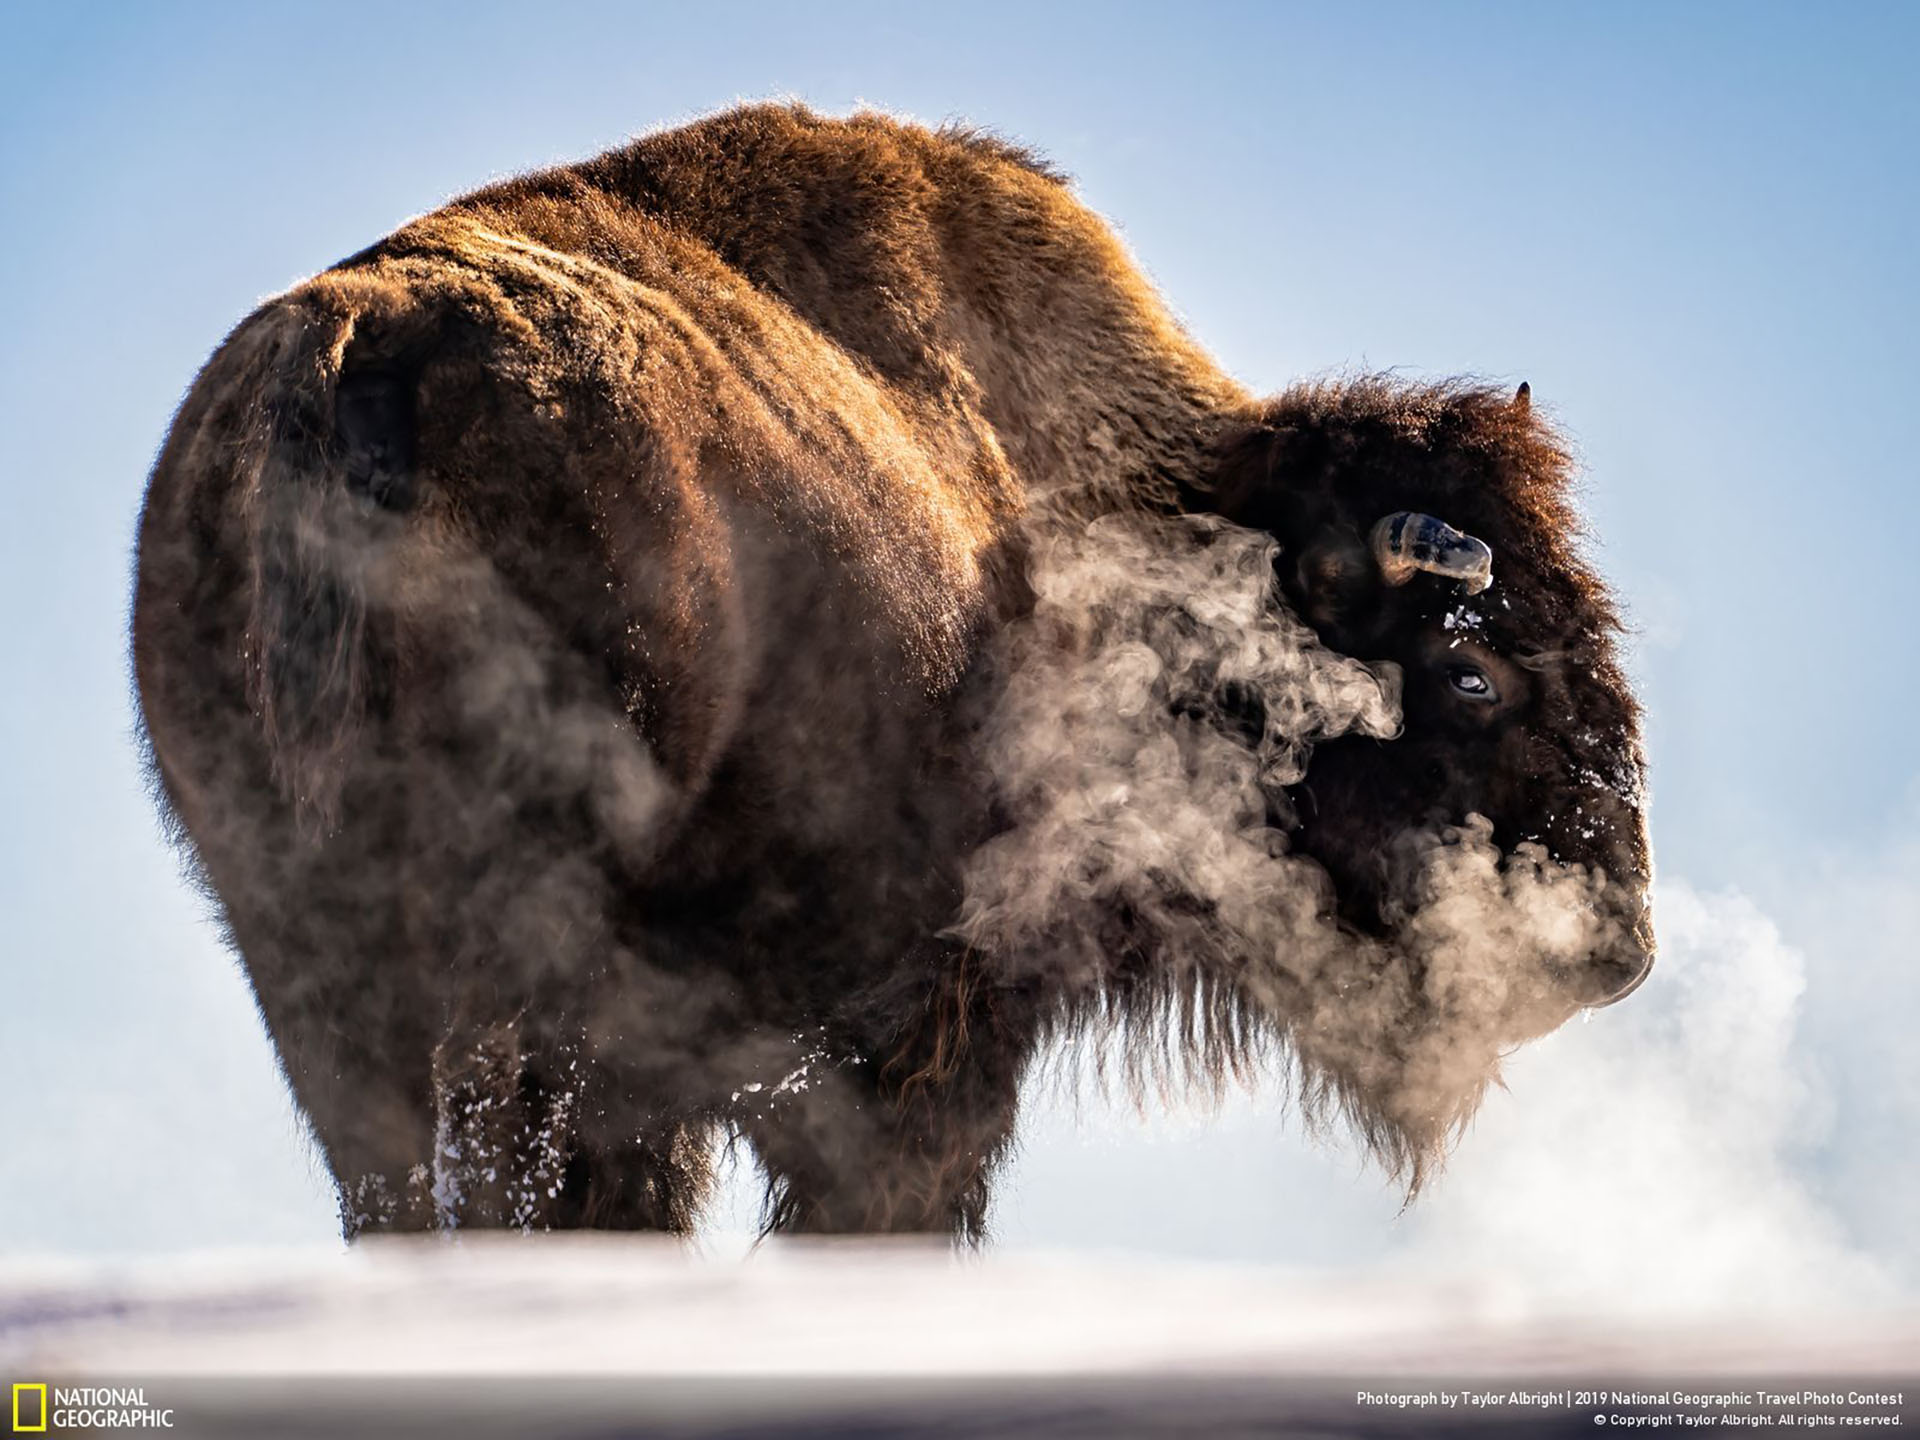 """""""Agotado"""", por Taylor Albright: """"Los días son mucho más cortos en invierno y las diferentes elevaciones dentro del Parque Nacional de Yellowstone inician incluso puestas de sol más tempranas. Con la noche acercándose y las temperaturas bajando, una manada de bisontes subió y atravesó una colina helada en busca de su próxima comida. Mientras veía al grupo desaparecer de la vista, el último bisonte de la fila se detuvo, dio la vuelta hacia mí, respiró y exhaló creando una espesa nube de vapor antes de continuar sobre la colina y perderse de vista junto con los demás"""". (""""Exhausted"""" / 2019 National Geographic Travel Photo Contest / Categoría: Naturaleza)"""